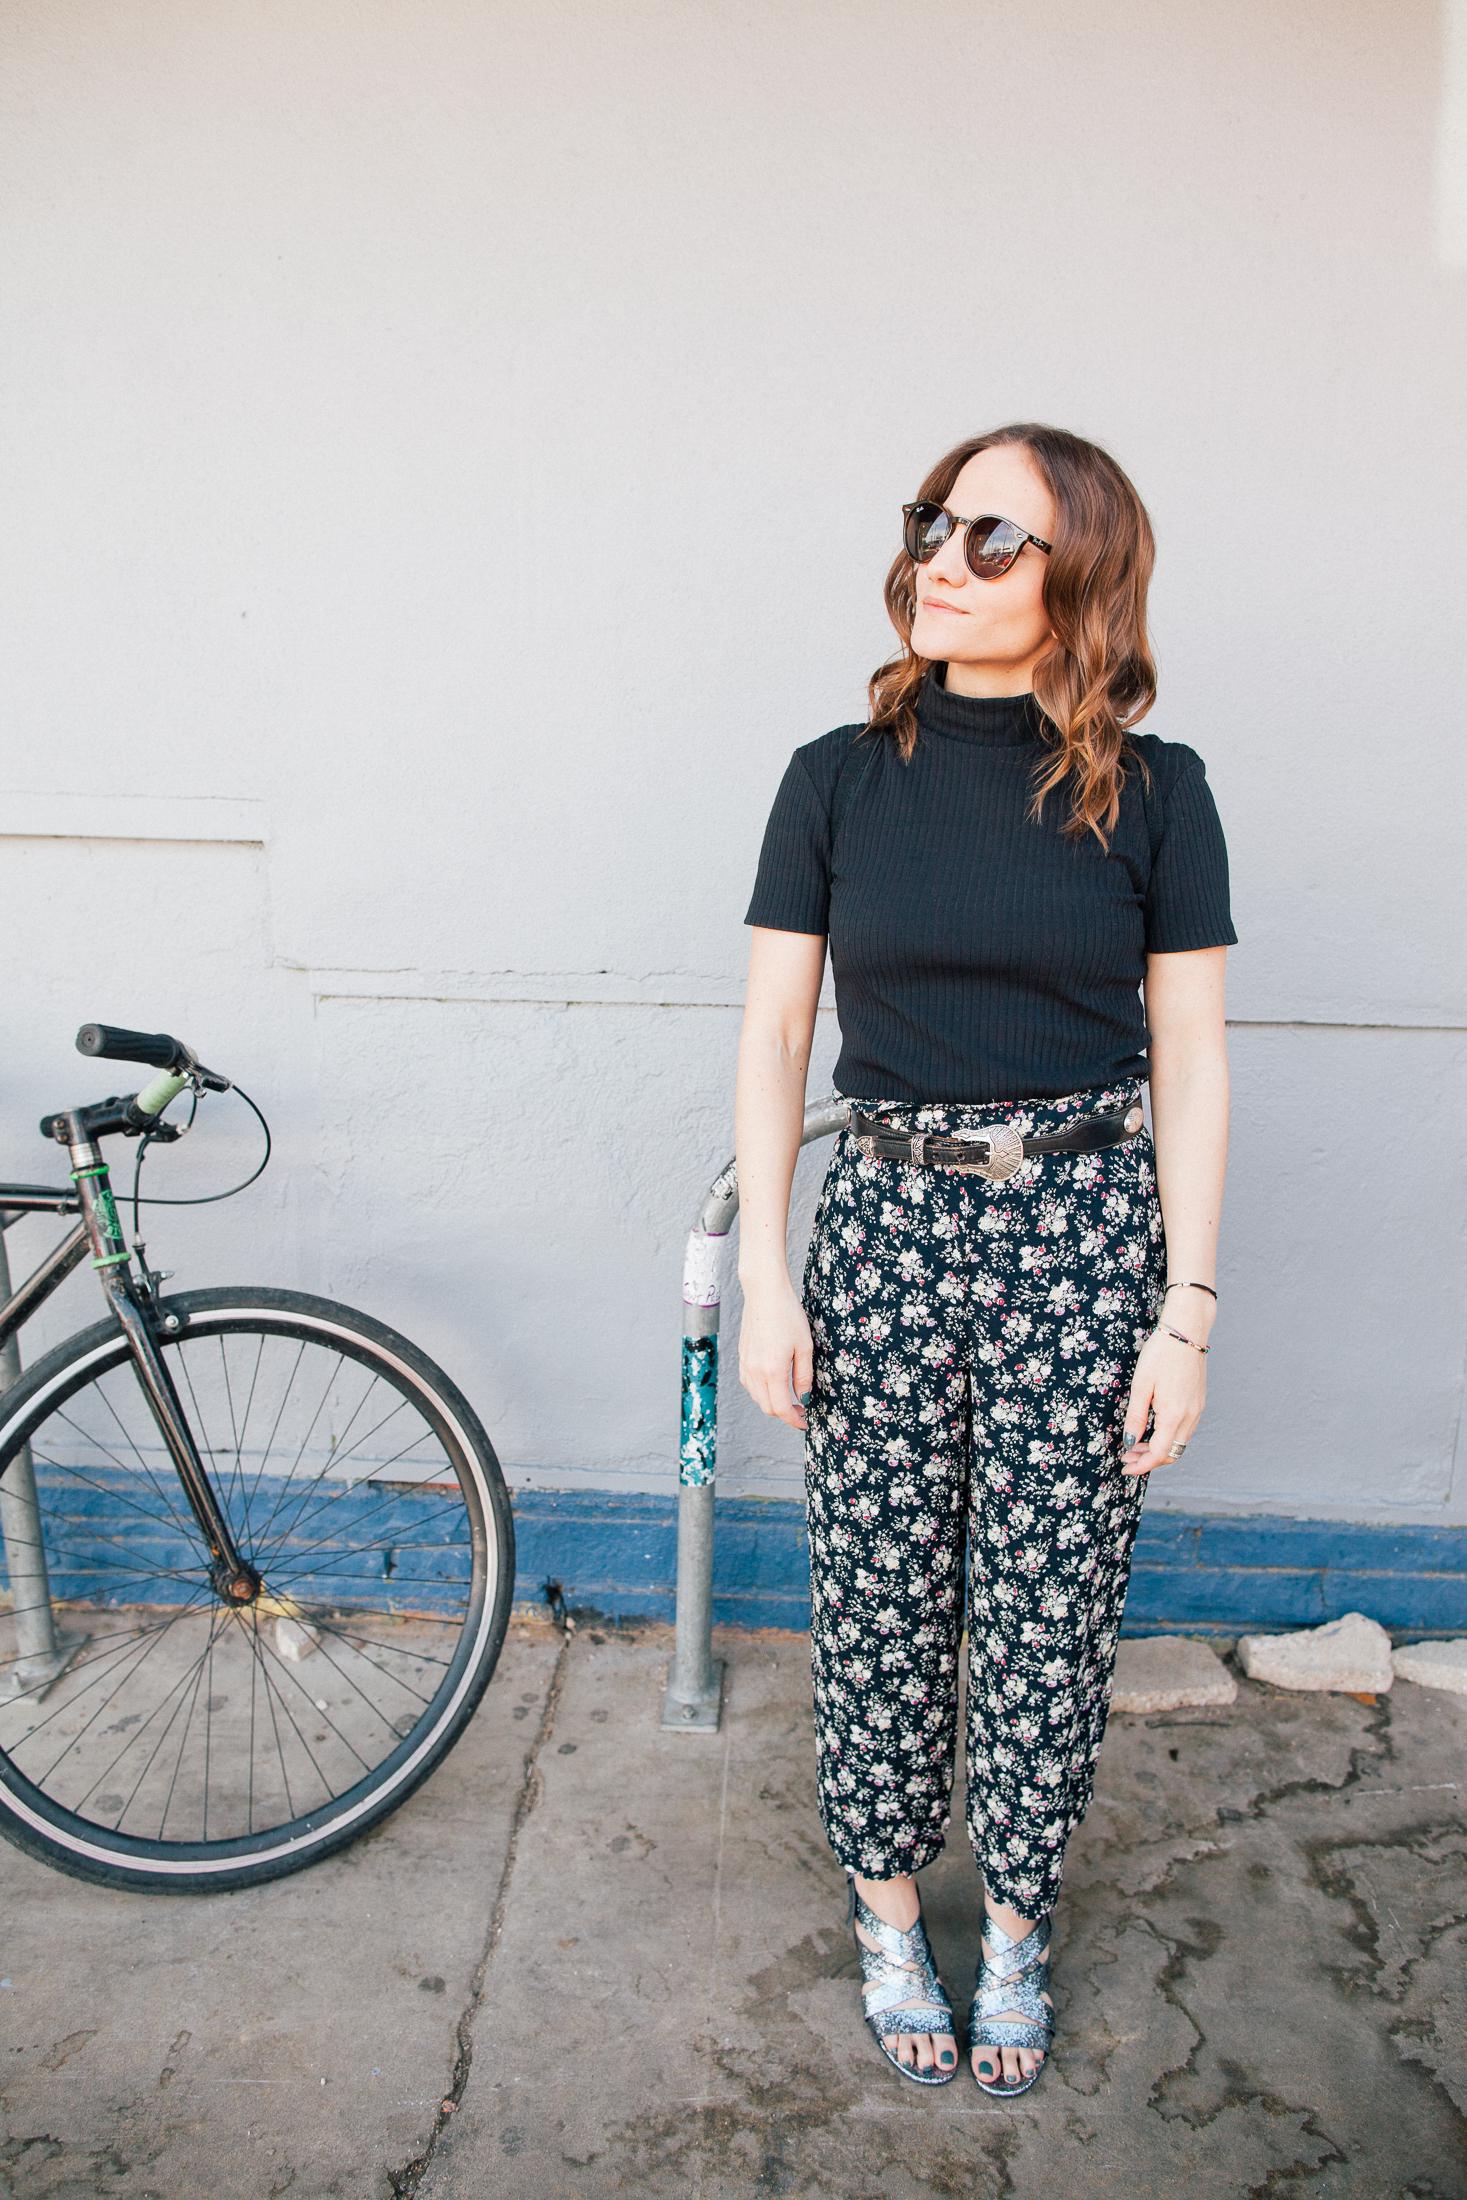 Girl_Bike_1